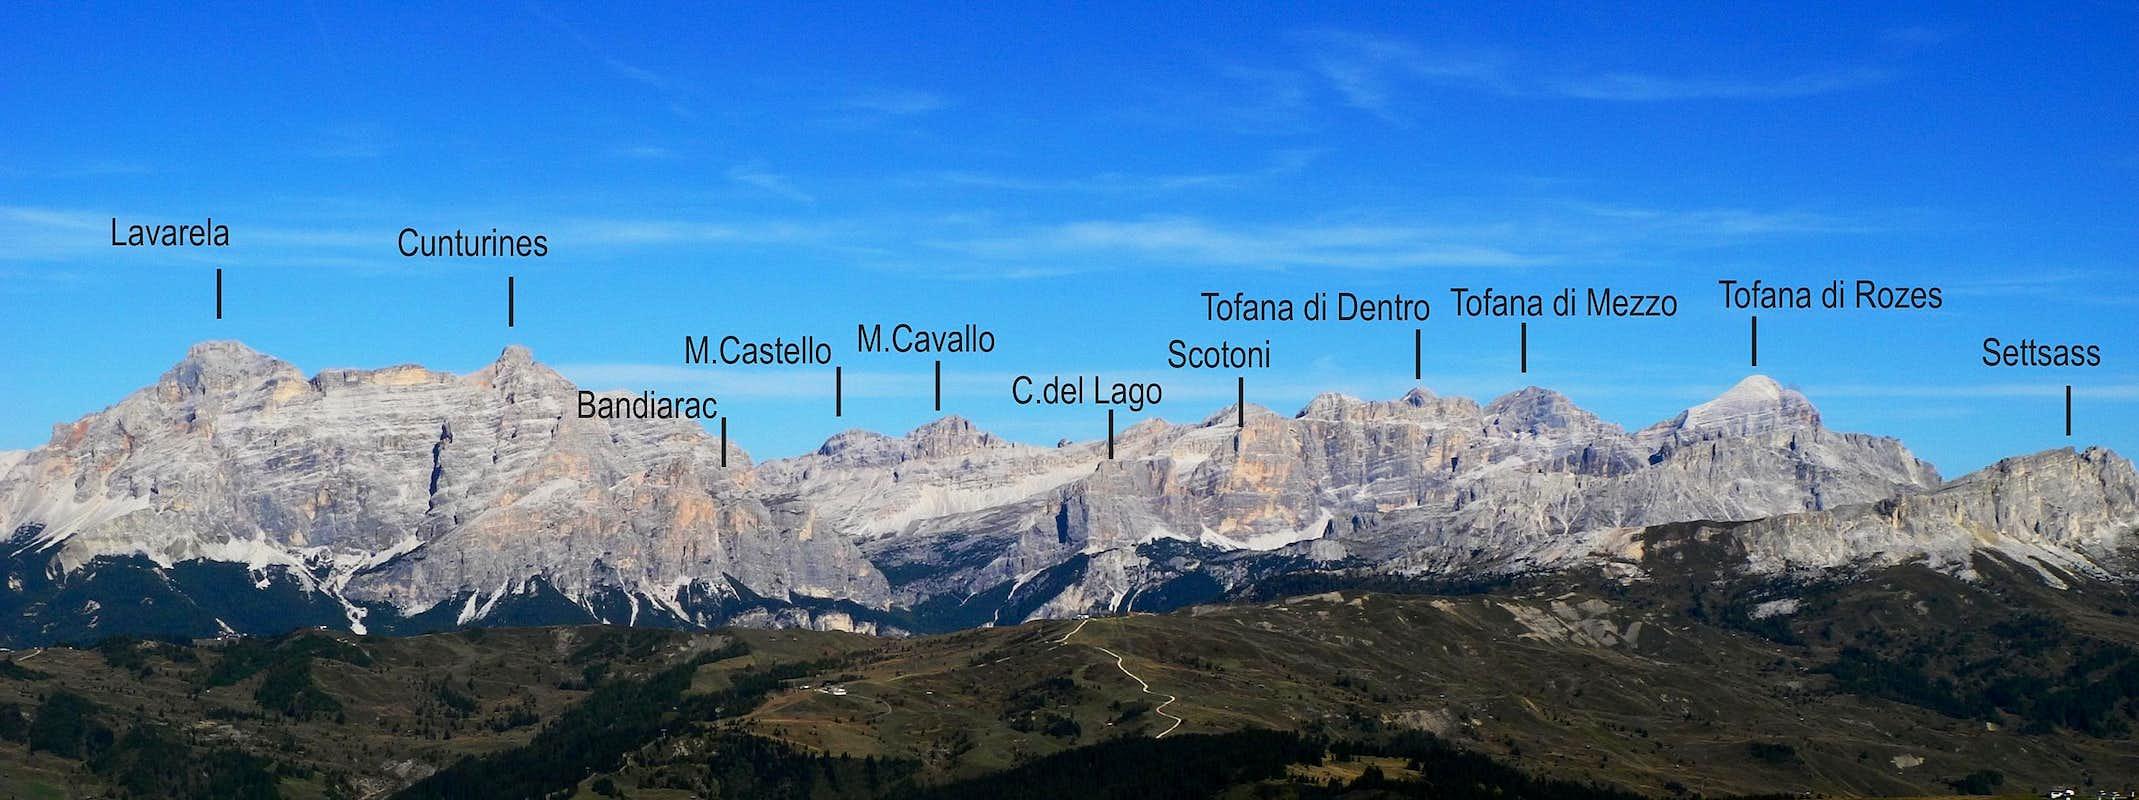 Sella Group Italy Map